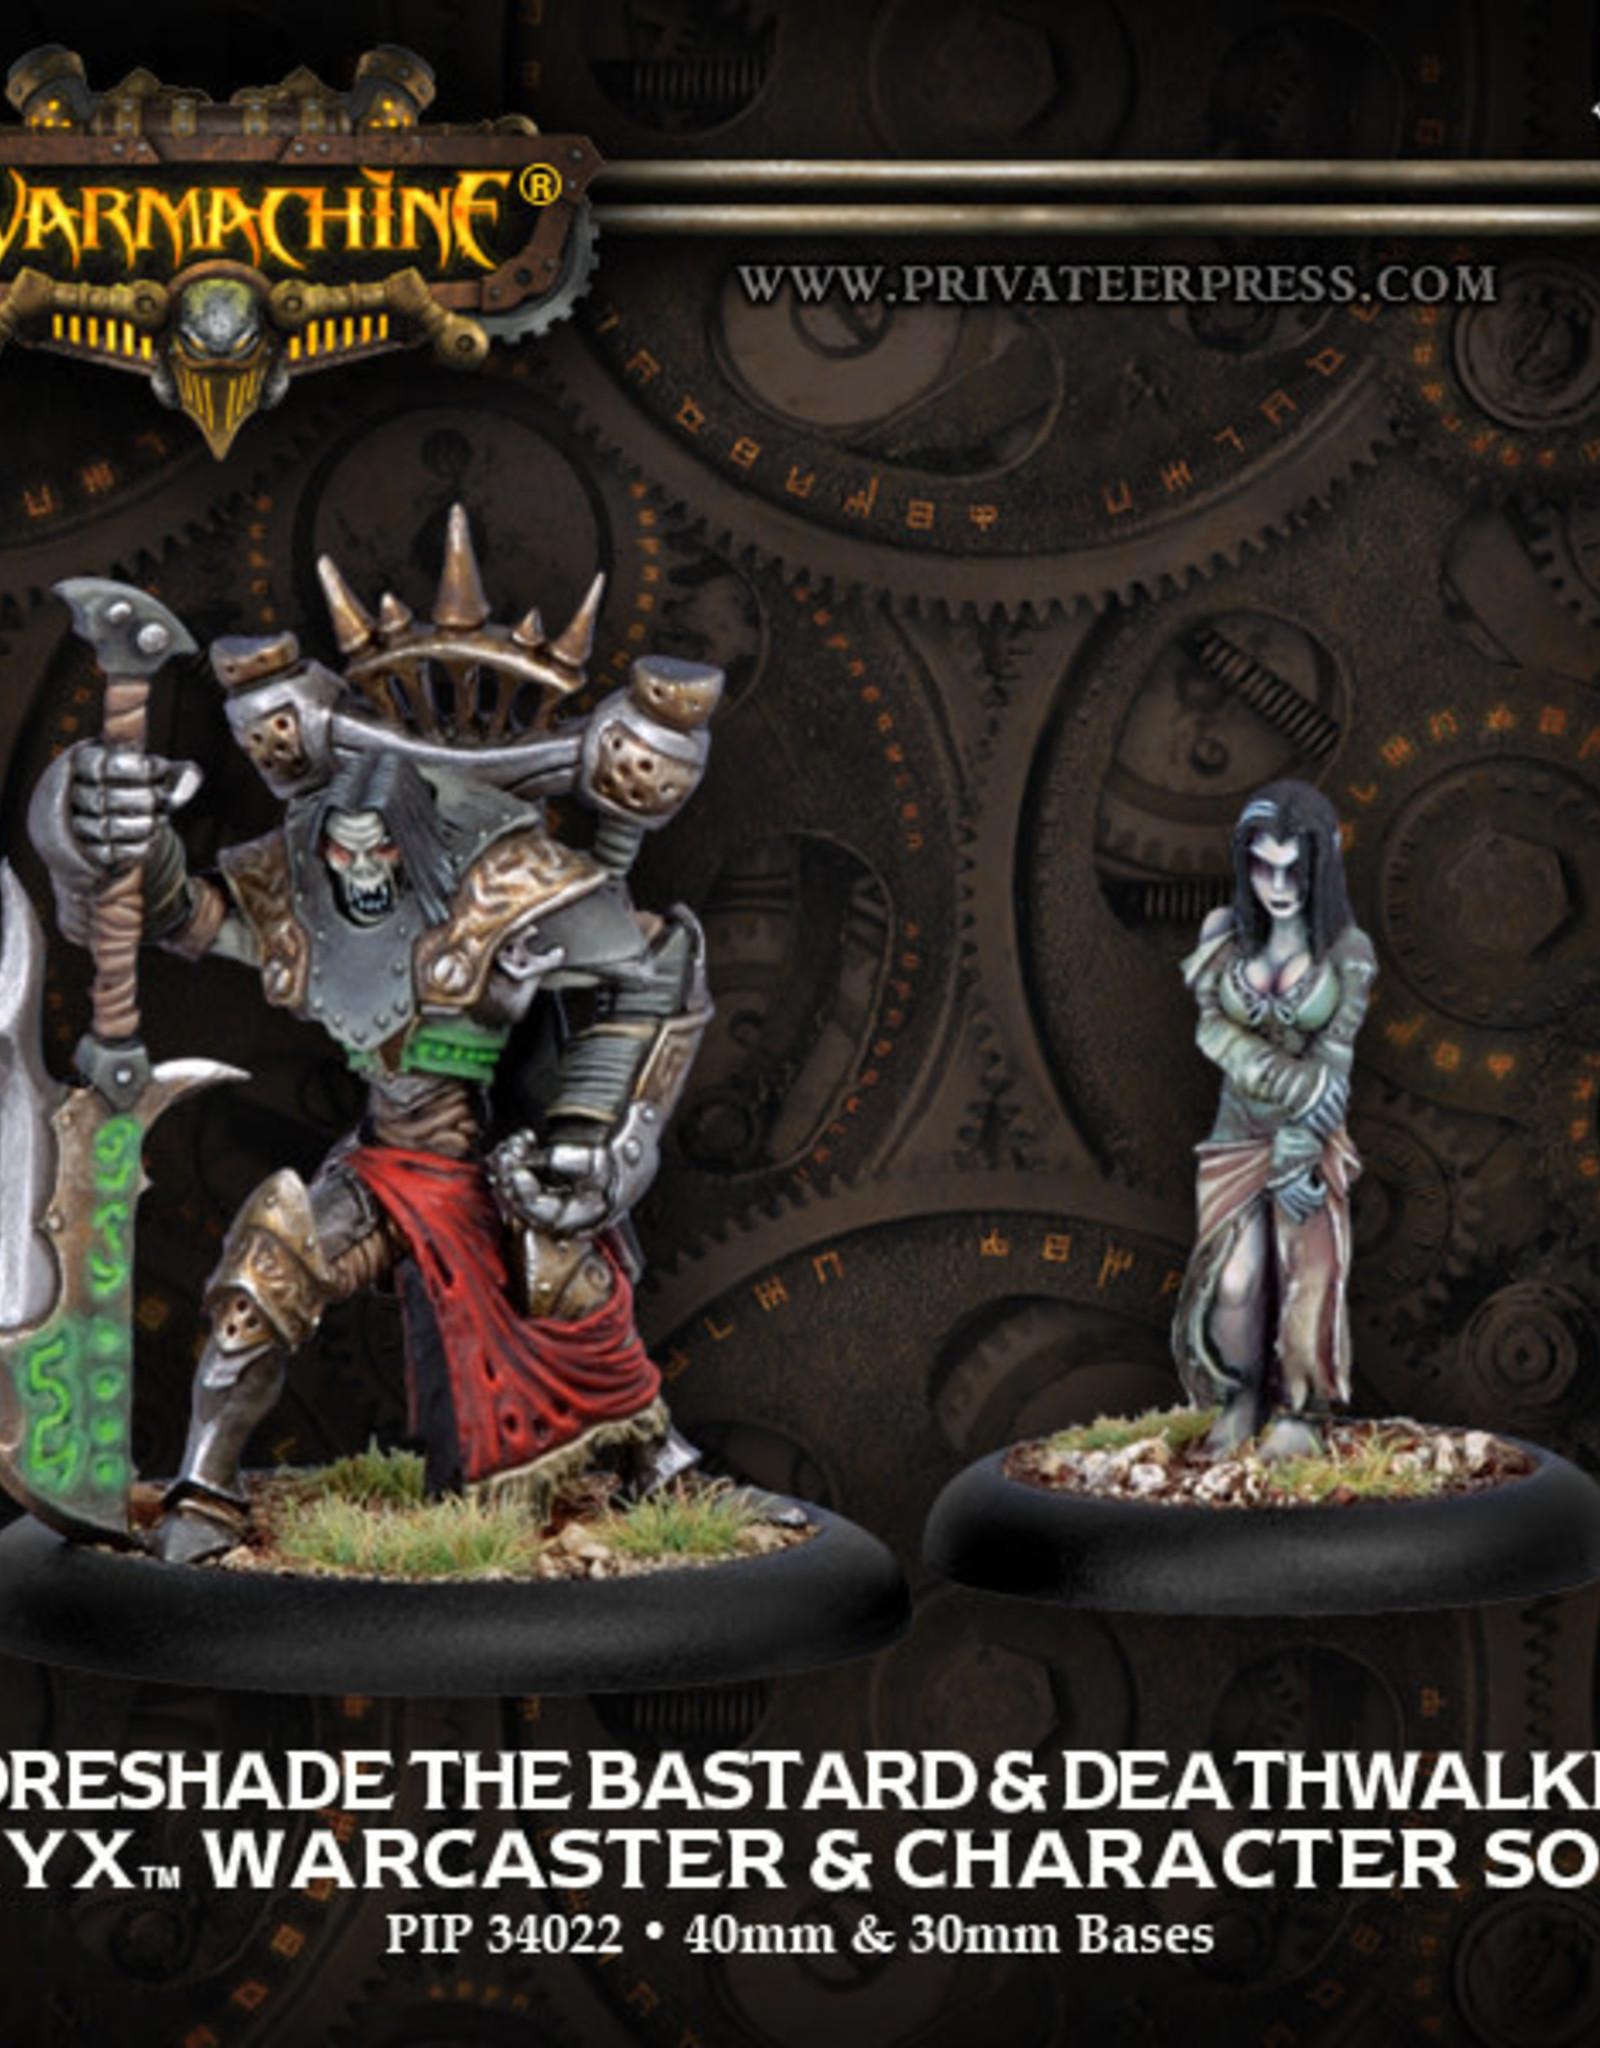 Warmachine Cryx - Goreshade the Bastard & Deathwalker